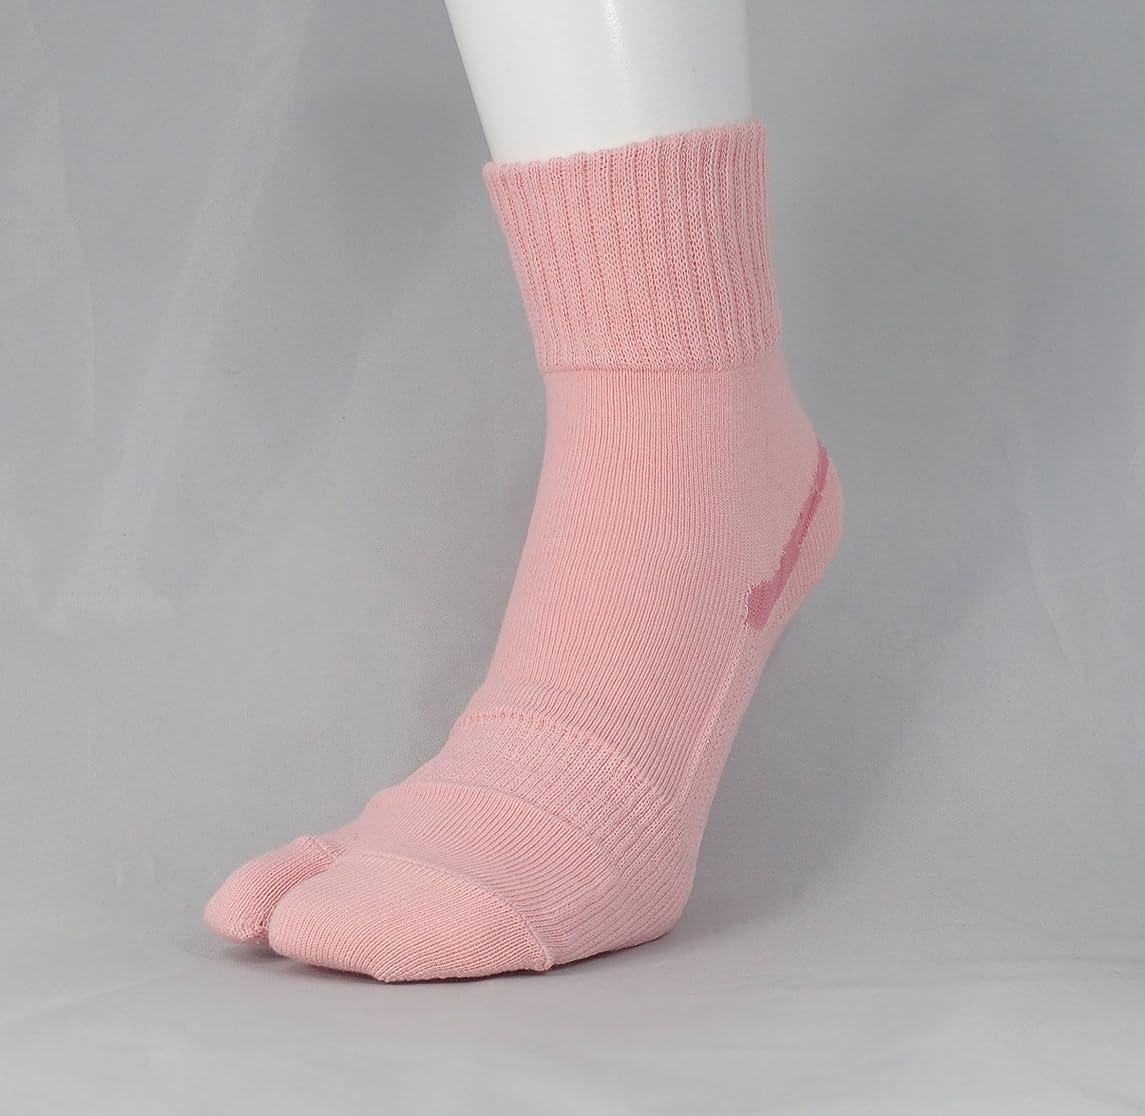 絡まるにんじん分配します【あしサポ】履くだけで足がラクにひらく靴下 外反母趾に (Mサイズ(23-24センチ), ピンク)